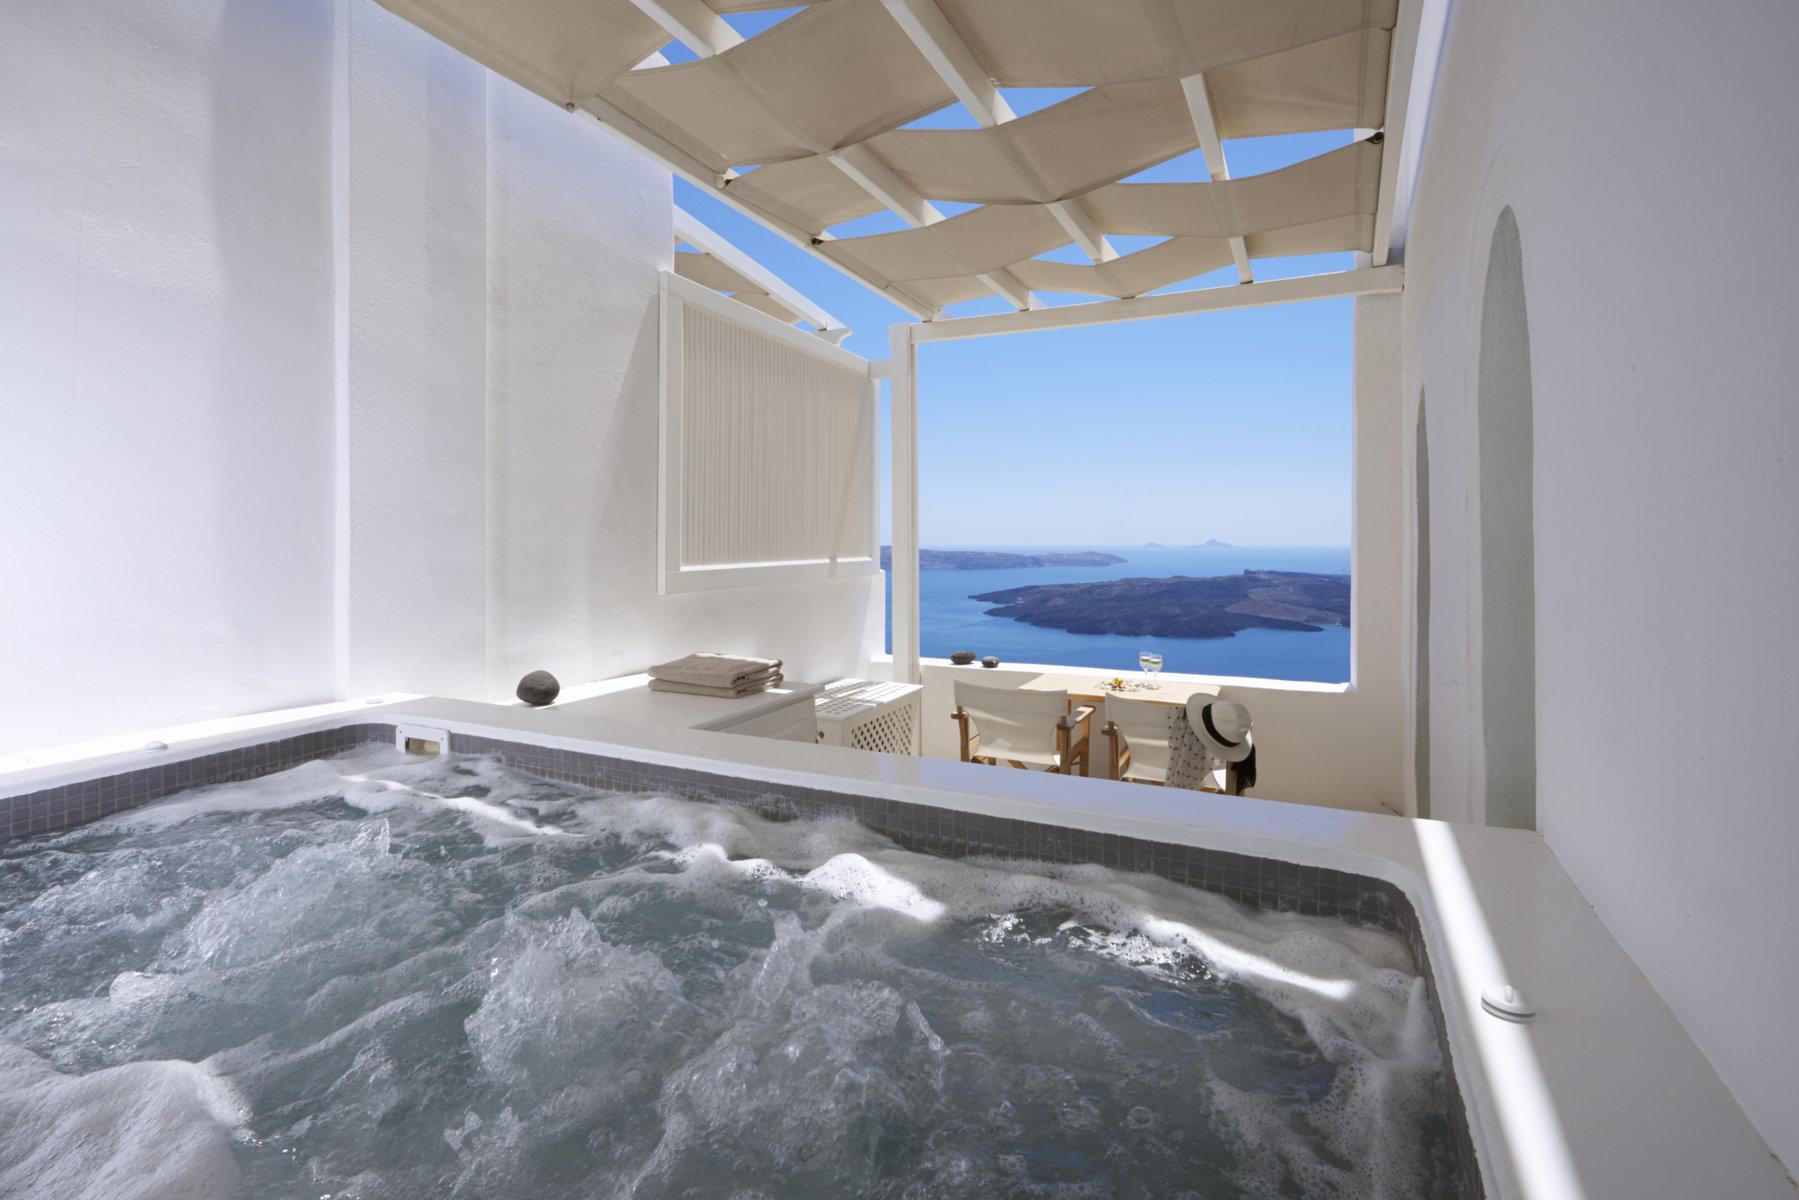 Ira_Hotel_Santorini-honeymoon-suite-b-3